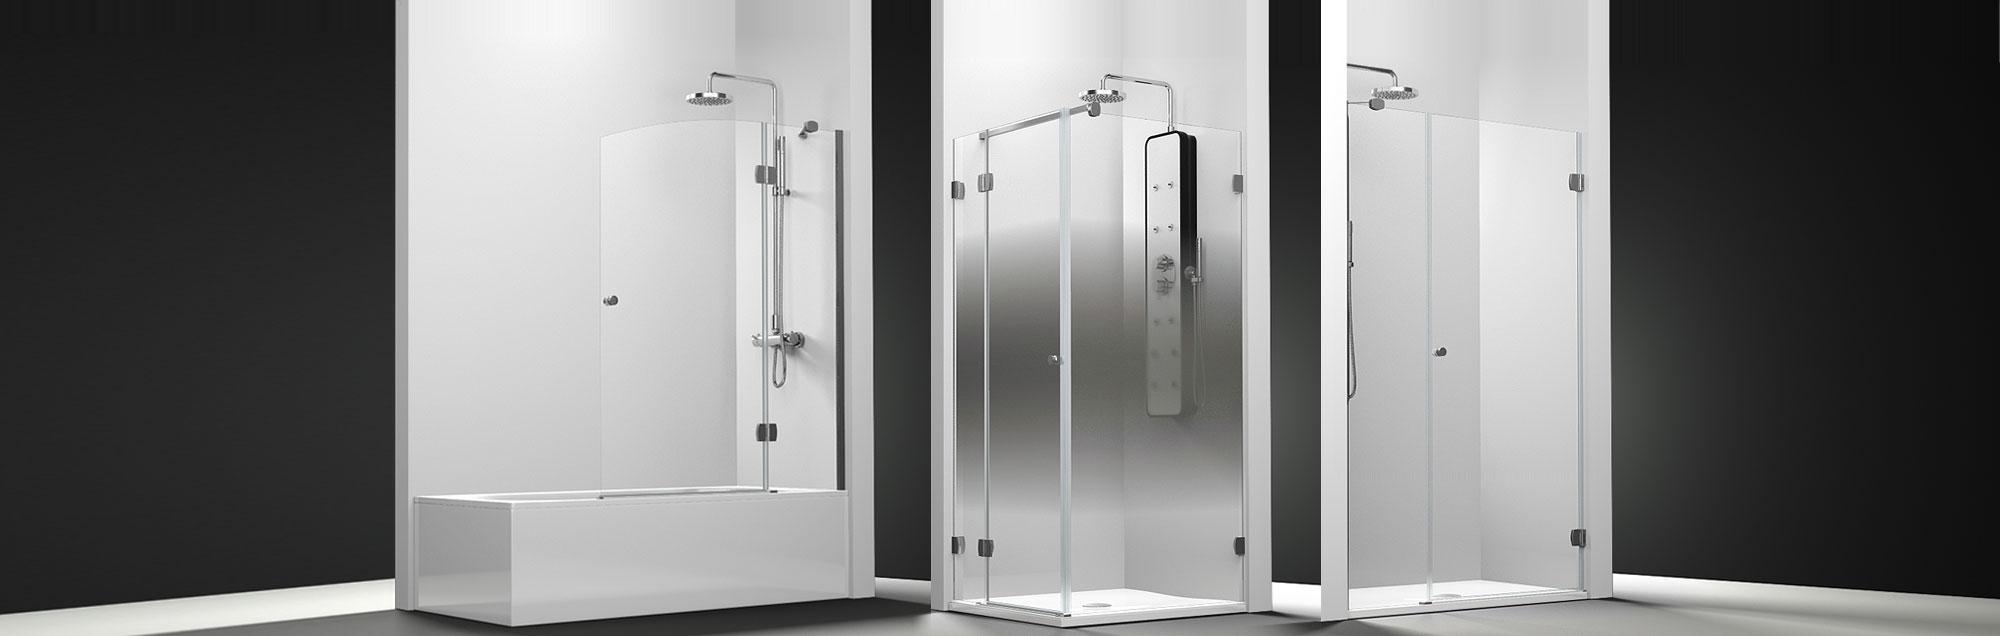 Serie Newglass di box doccia battenti su misura